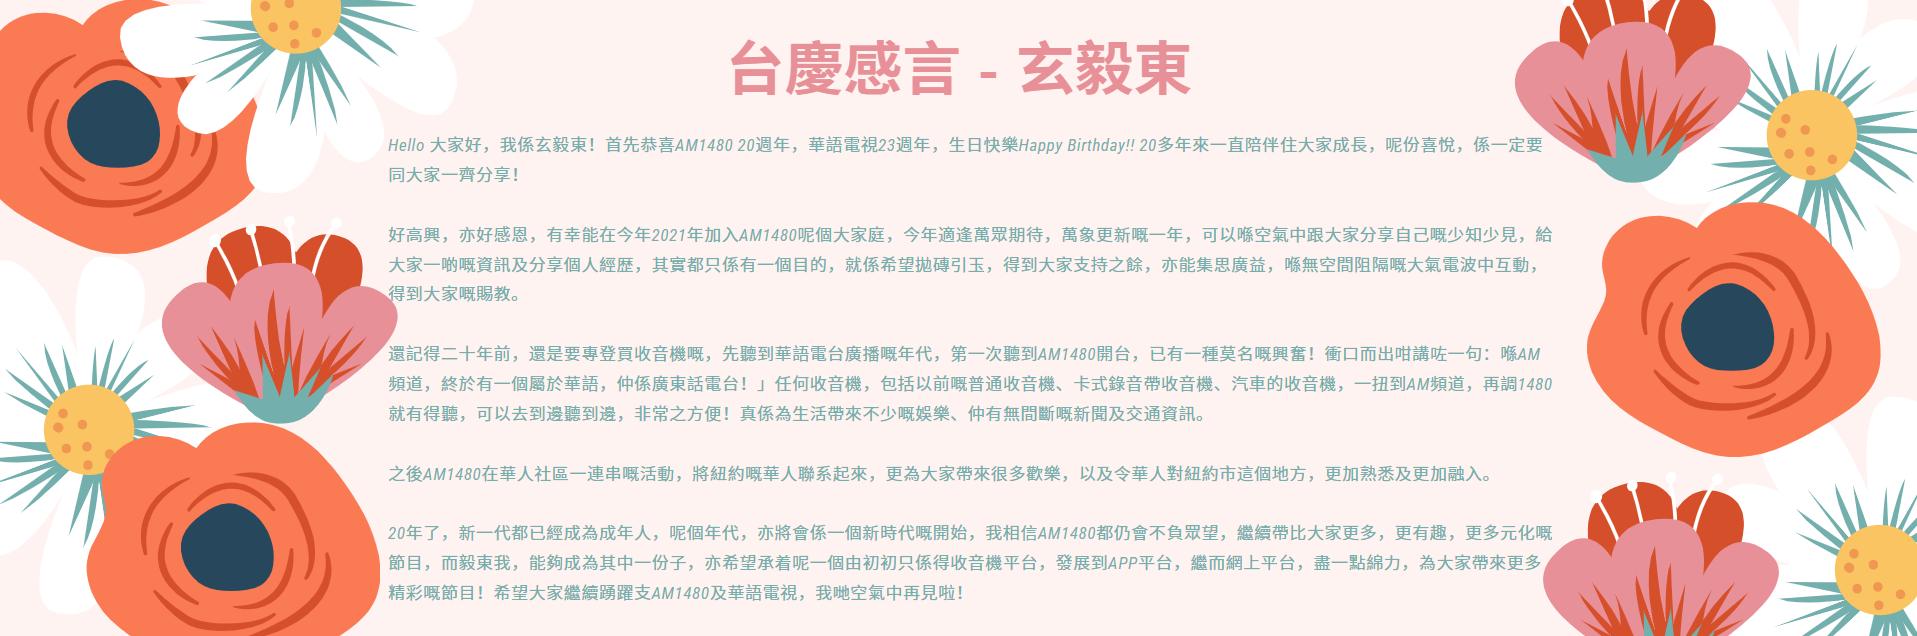 台慶感言 - 玄毅東